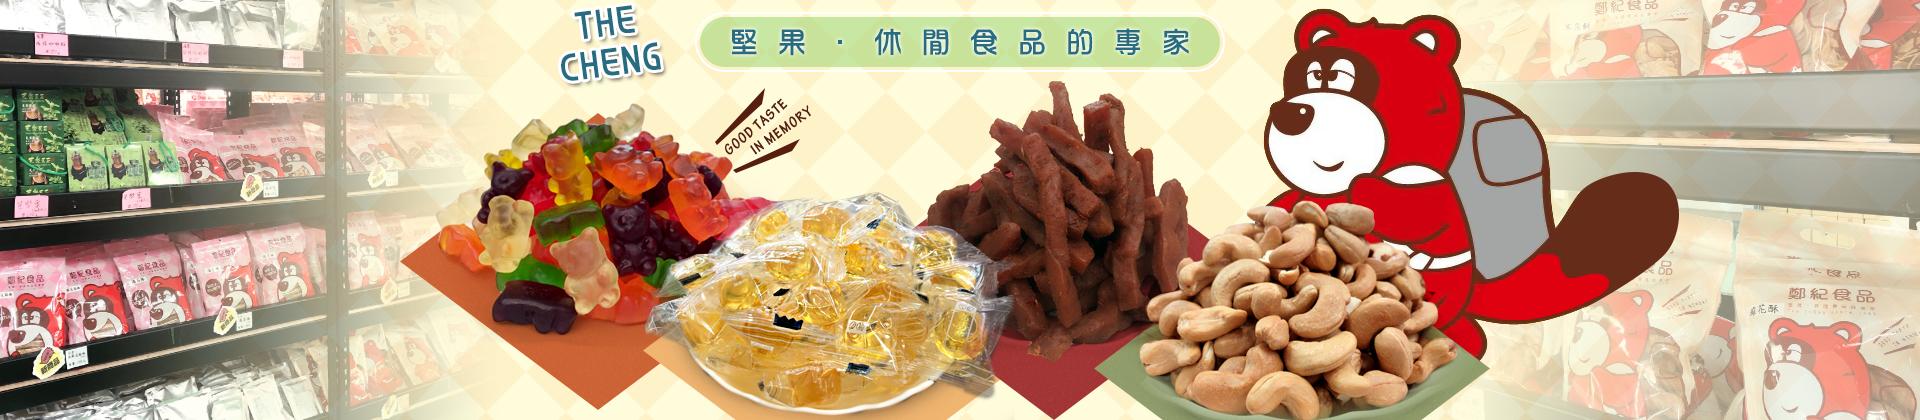 鄭紀食品股份有限公司